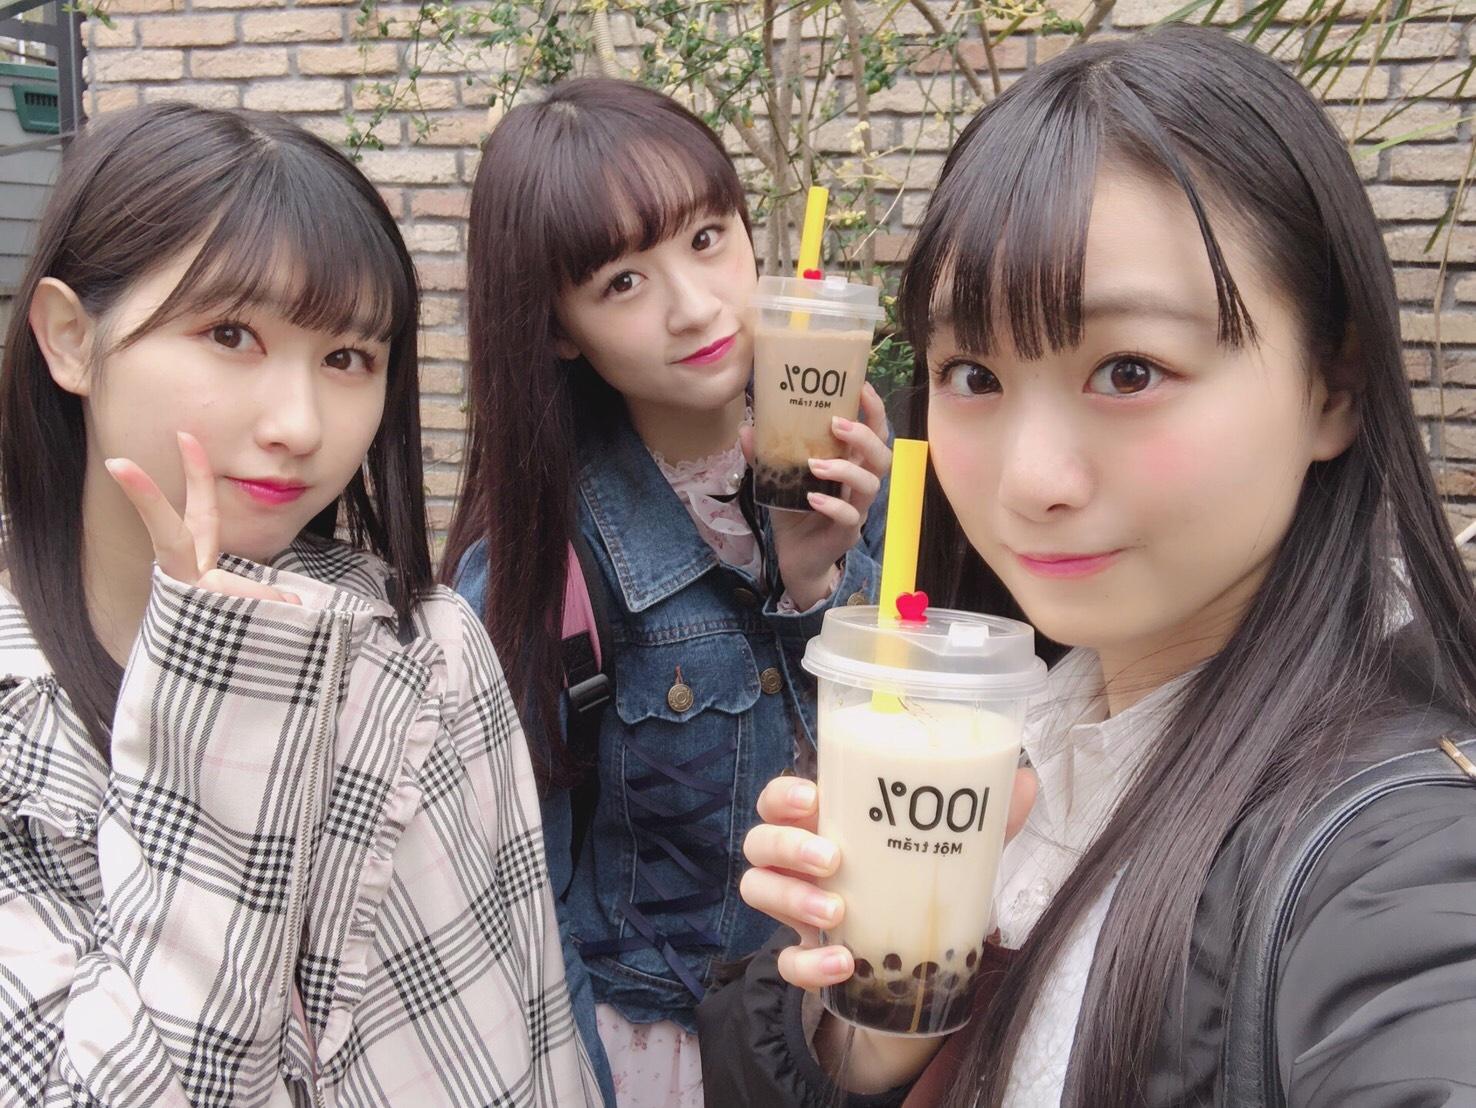 杏ちゃん、ビジネスタピオカ好き?!